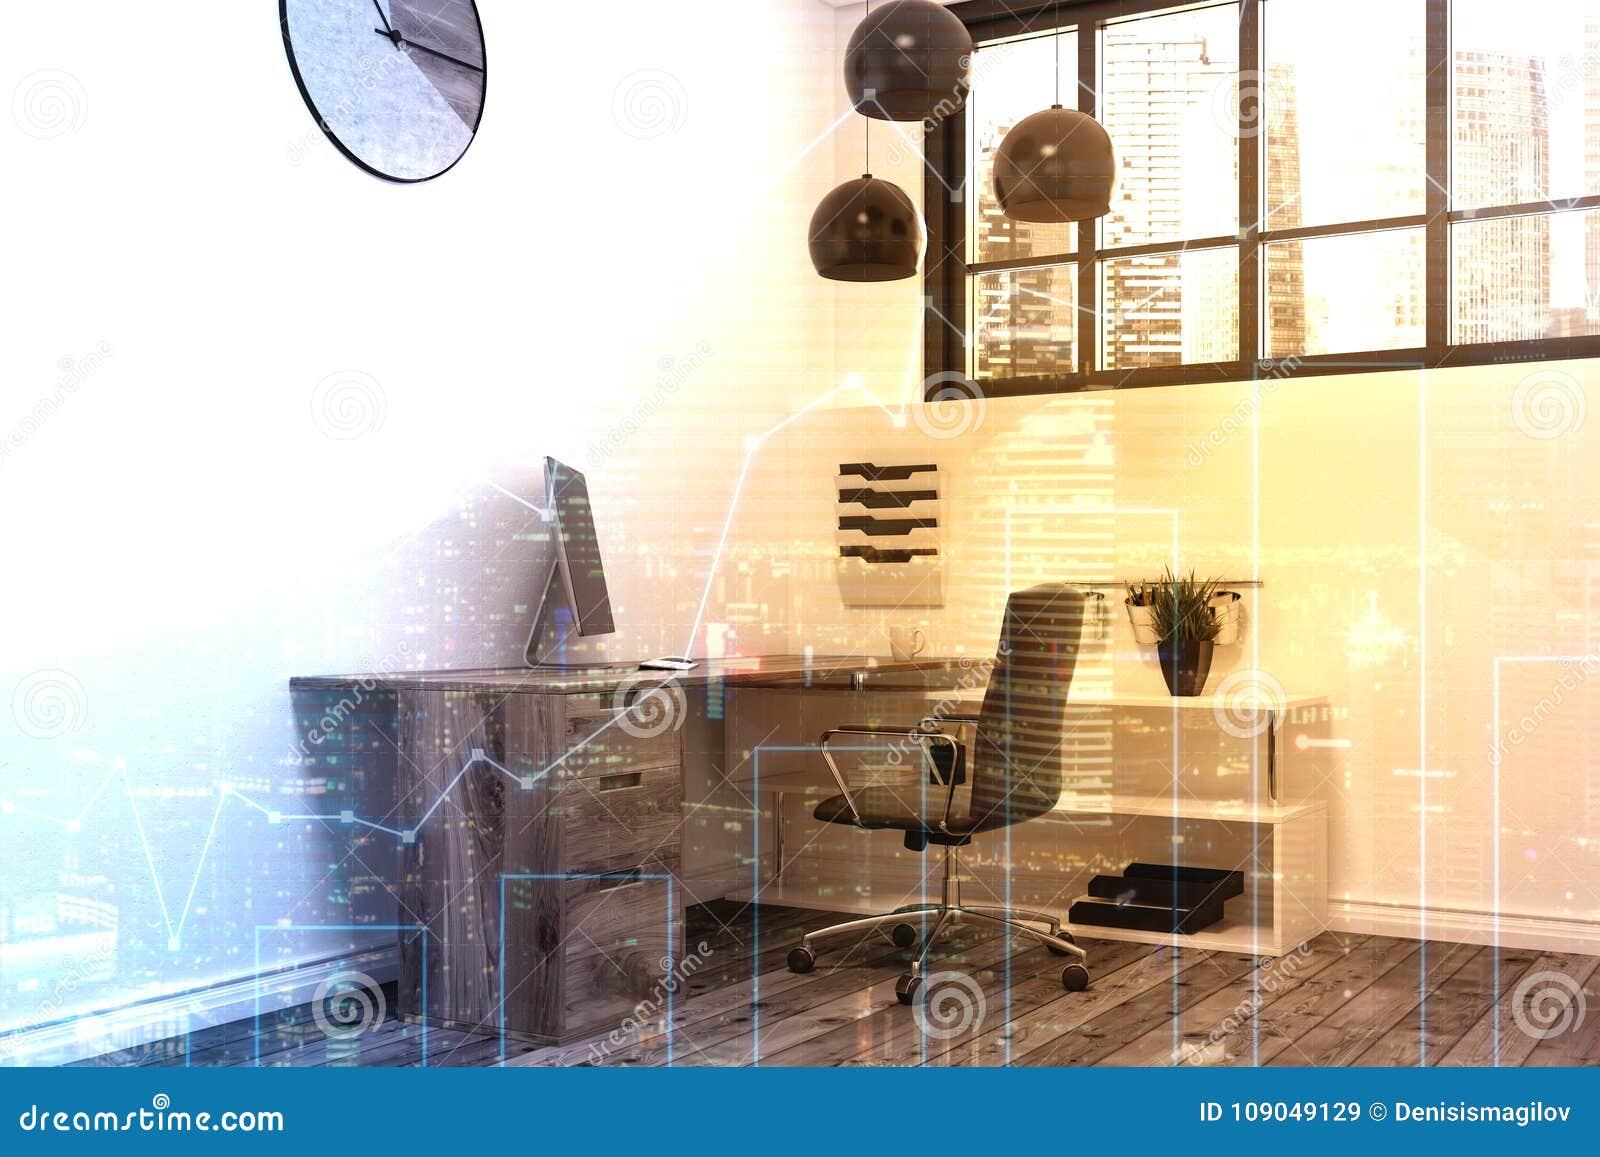 Bureau de travail avec chaise ordinateur lampe et plante isolé